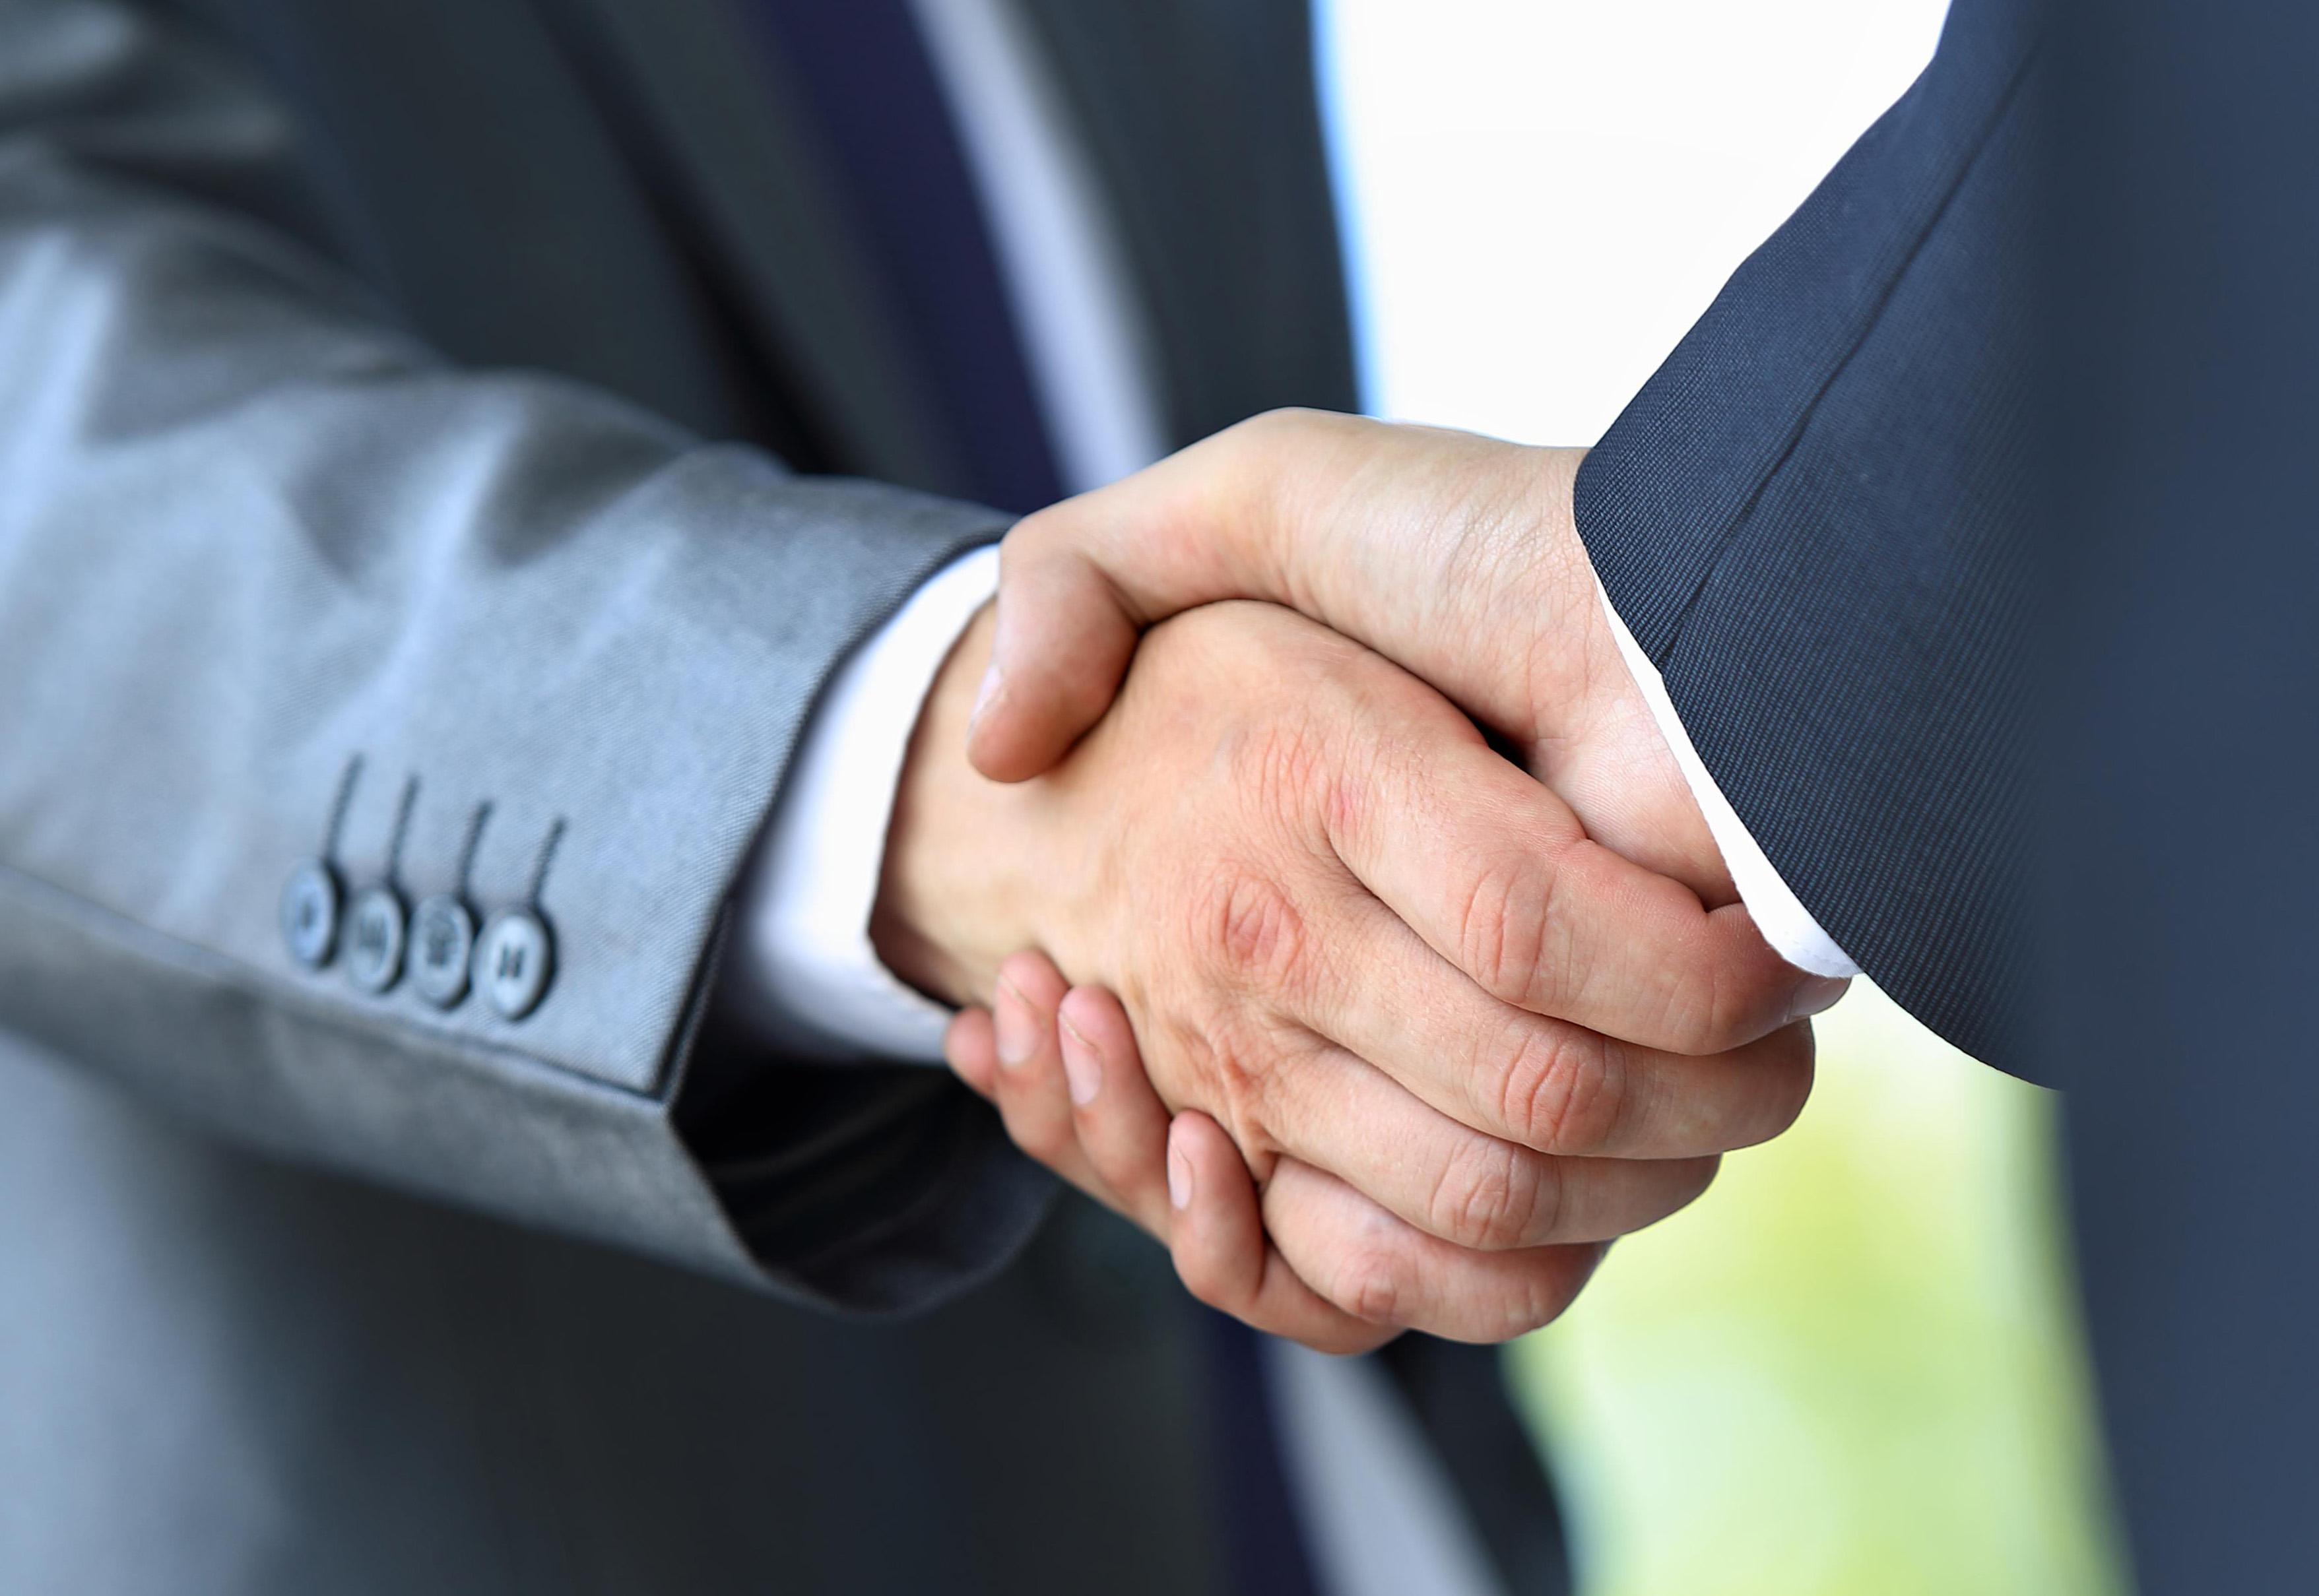 Символическое изображение взаимовыгодного сотрудничества